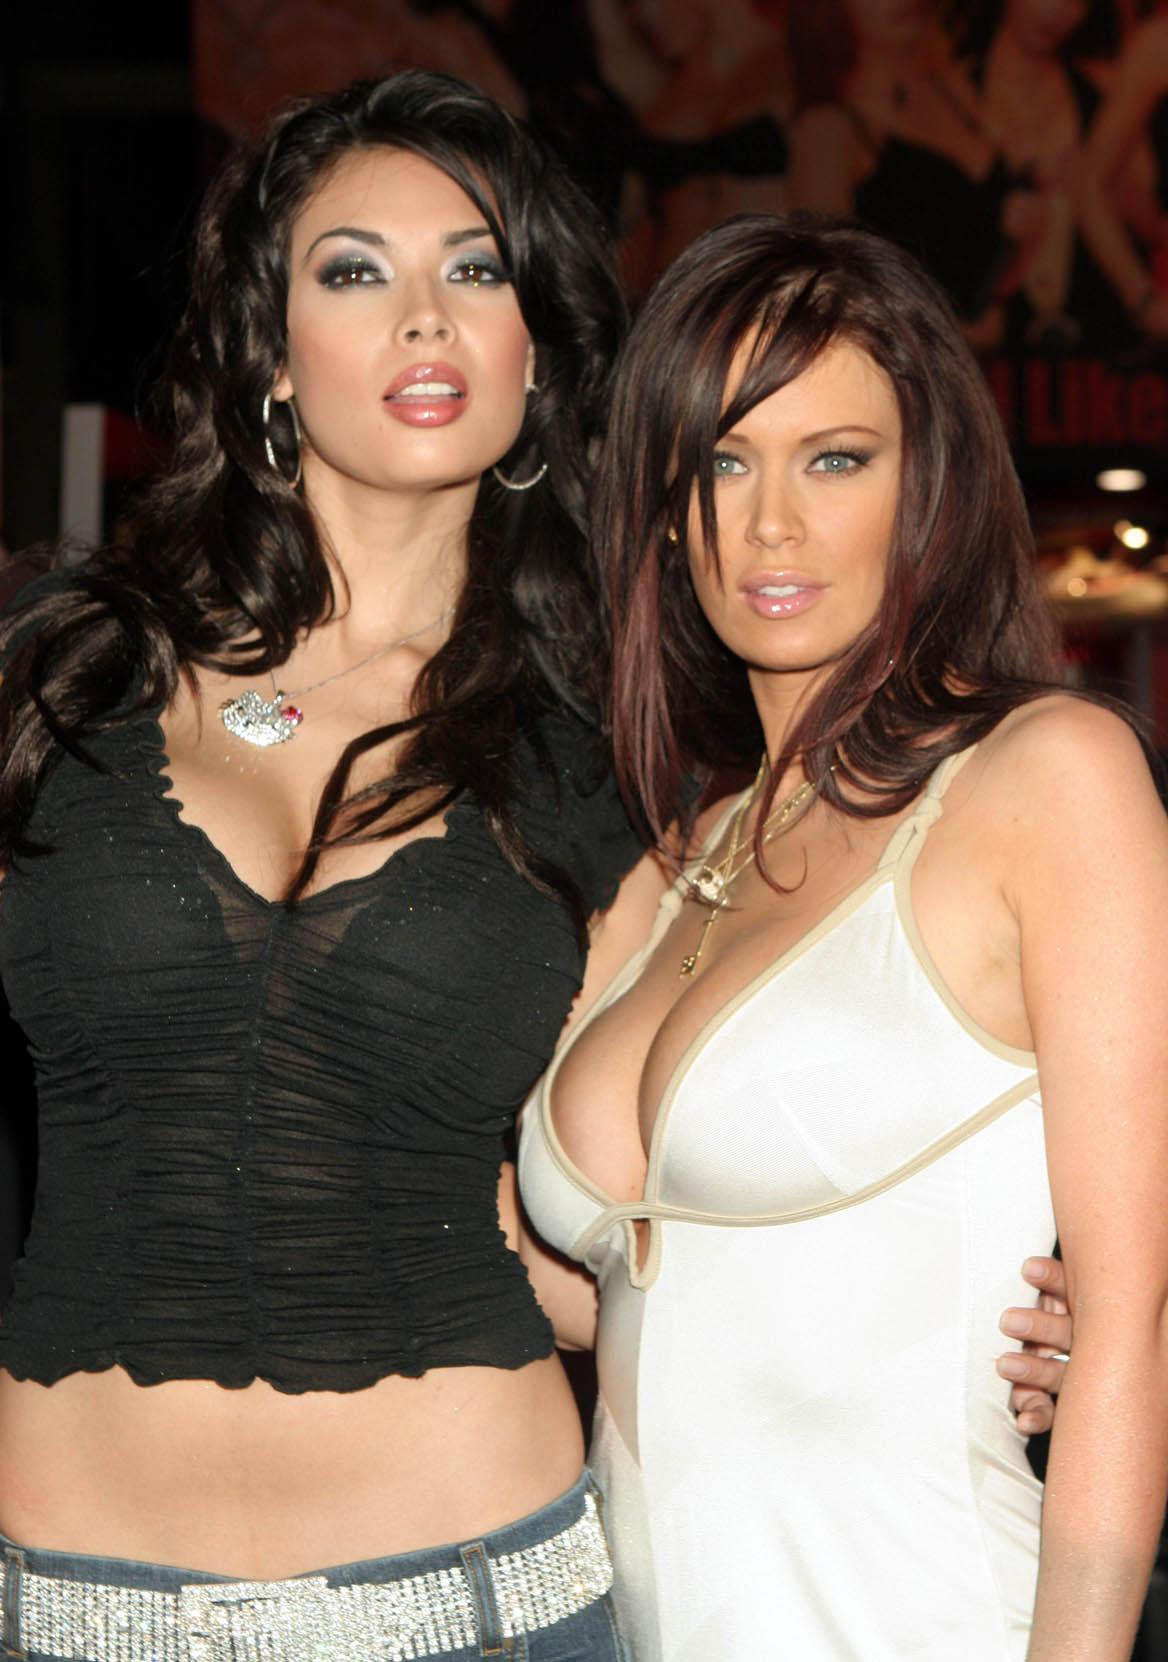 The Richest Females Pornstars, Ladies And Gentlemen-4003